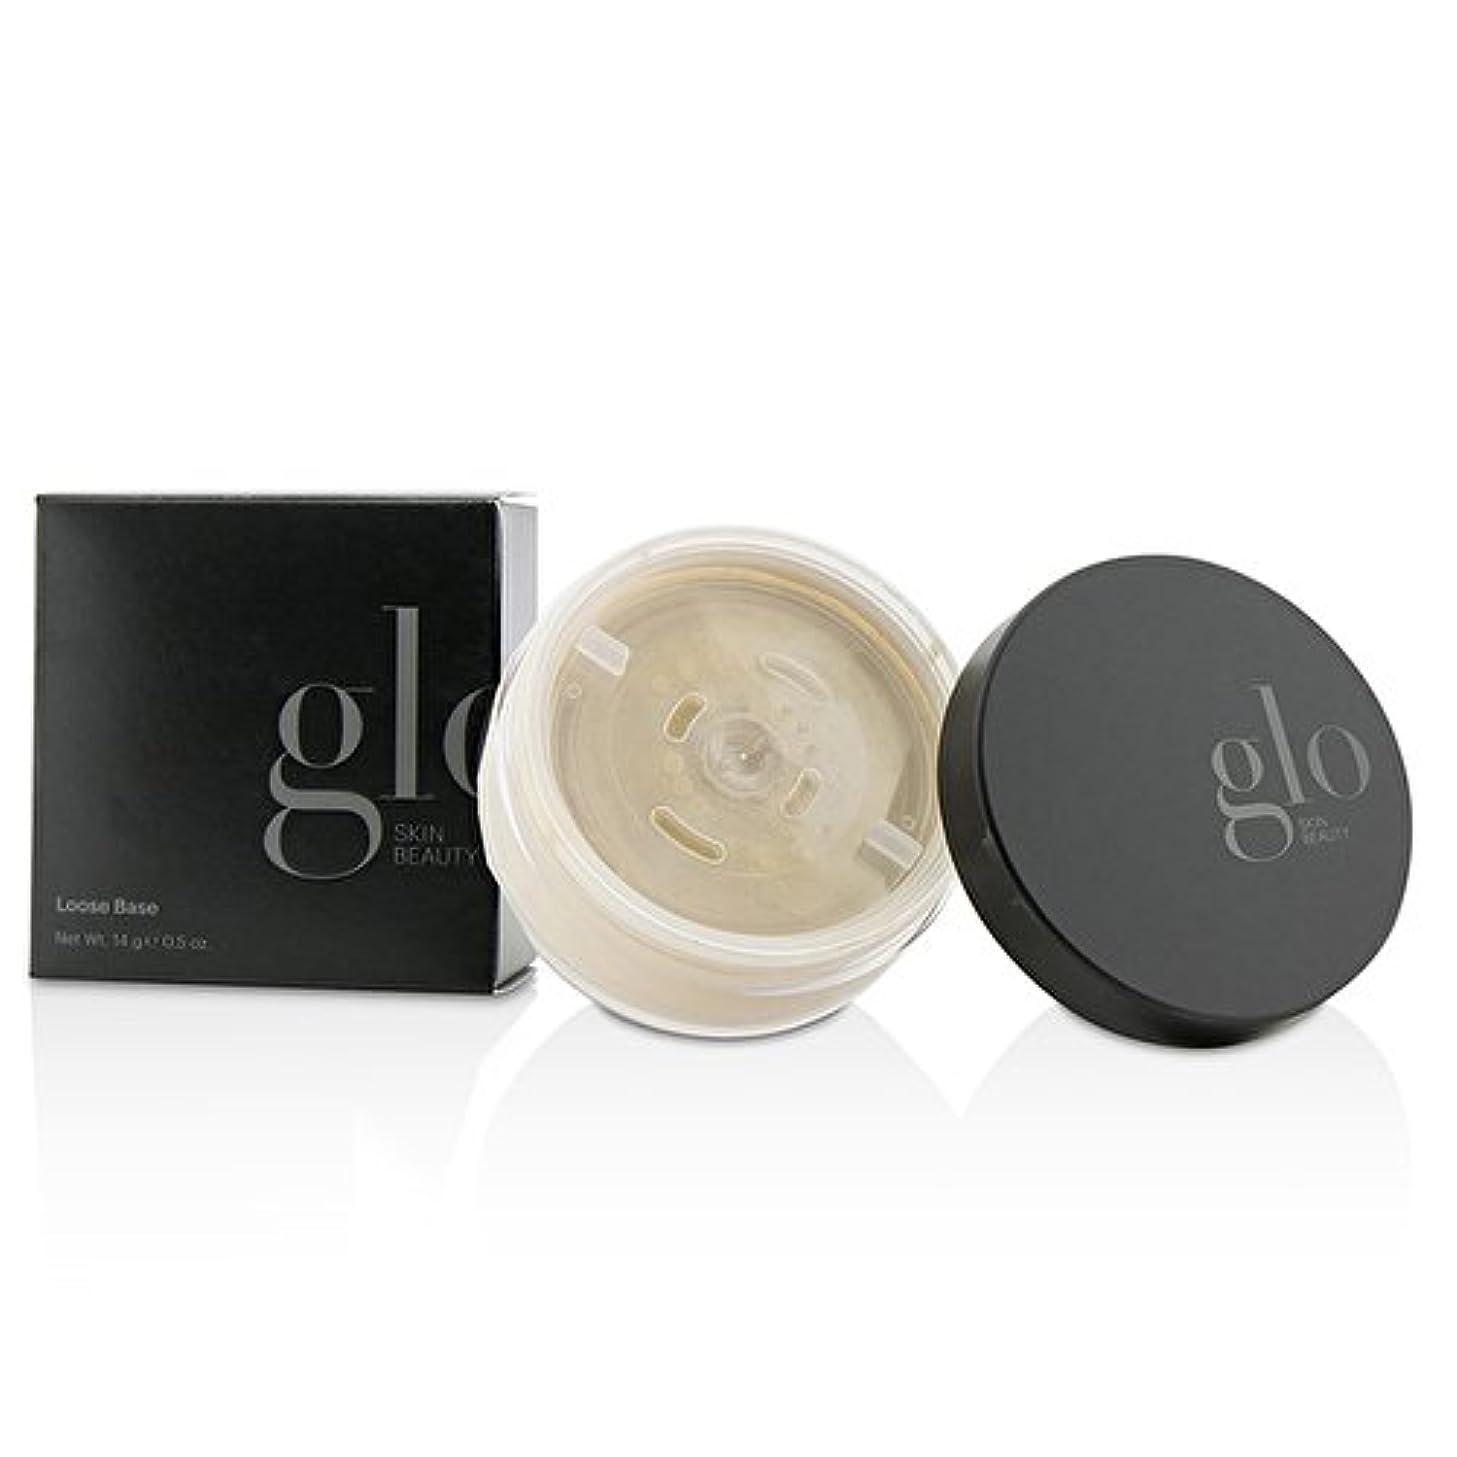 防衛素晴らしい良い多くの酔っ払いGlo Skin Beauty Loose Base (Mineral Foundation) - # Natural Fair 14g/0.5oz並行輸入品